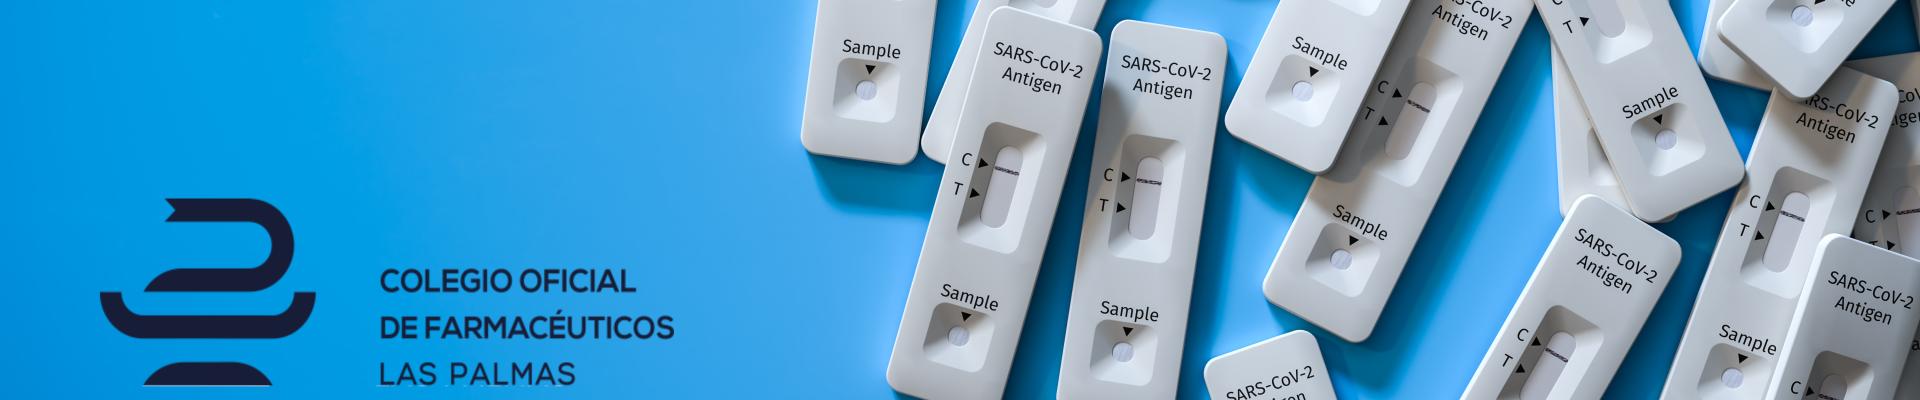 Test autodiagnóstico